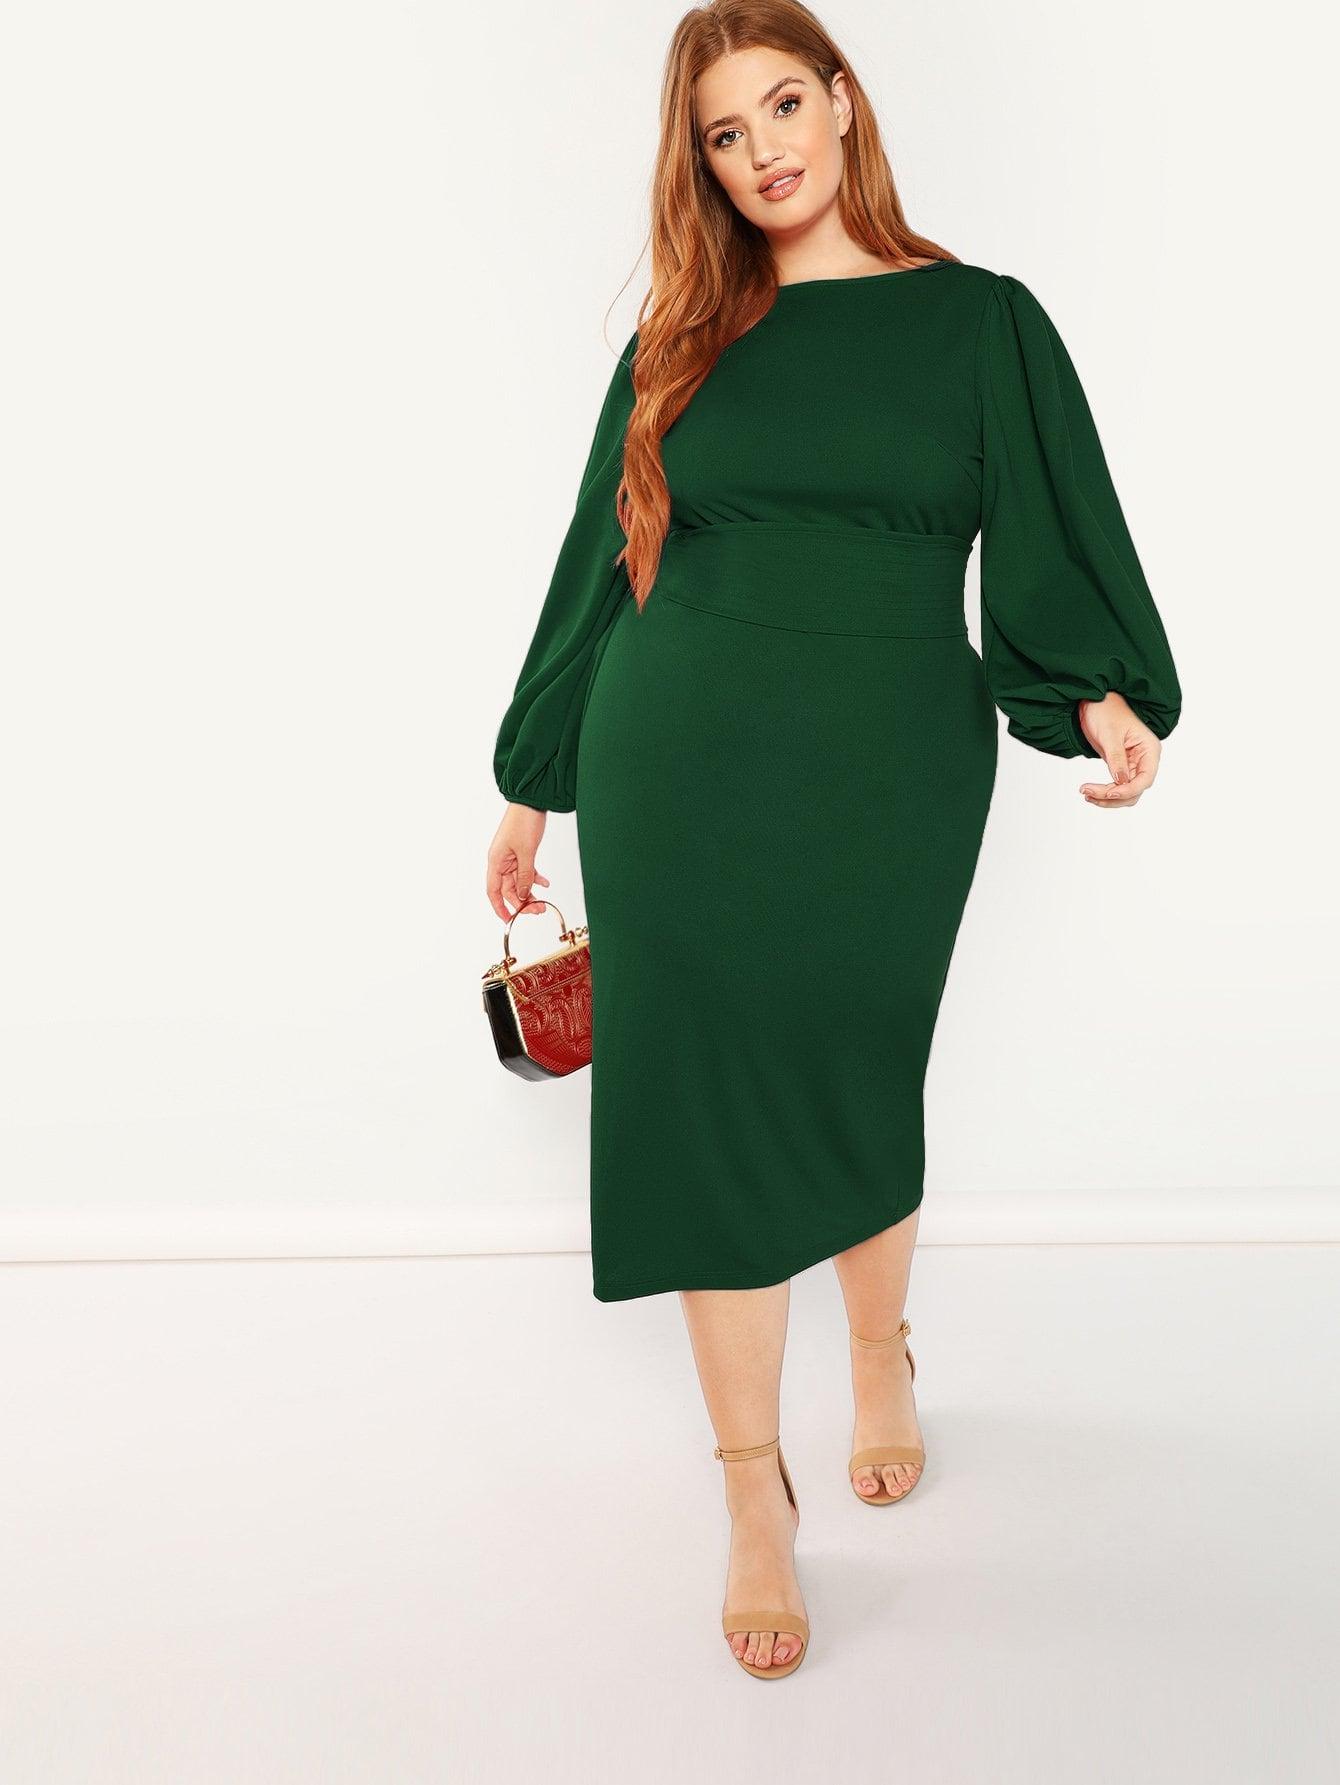 Купить Платье карандаш с поясом размера плюс, Bree Kish, SheIn